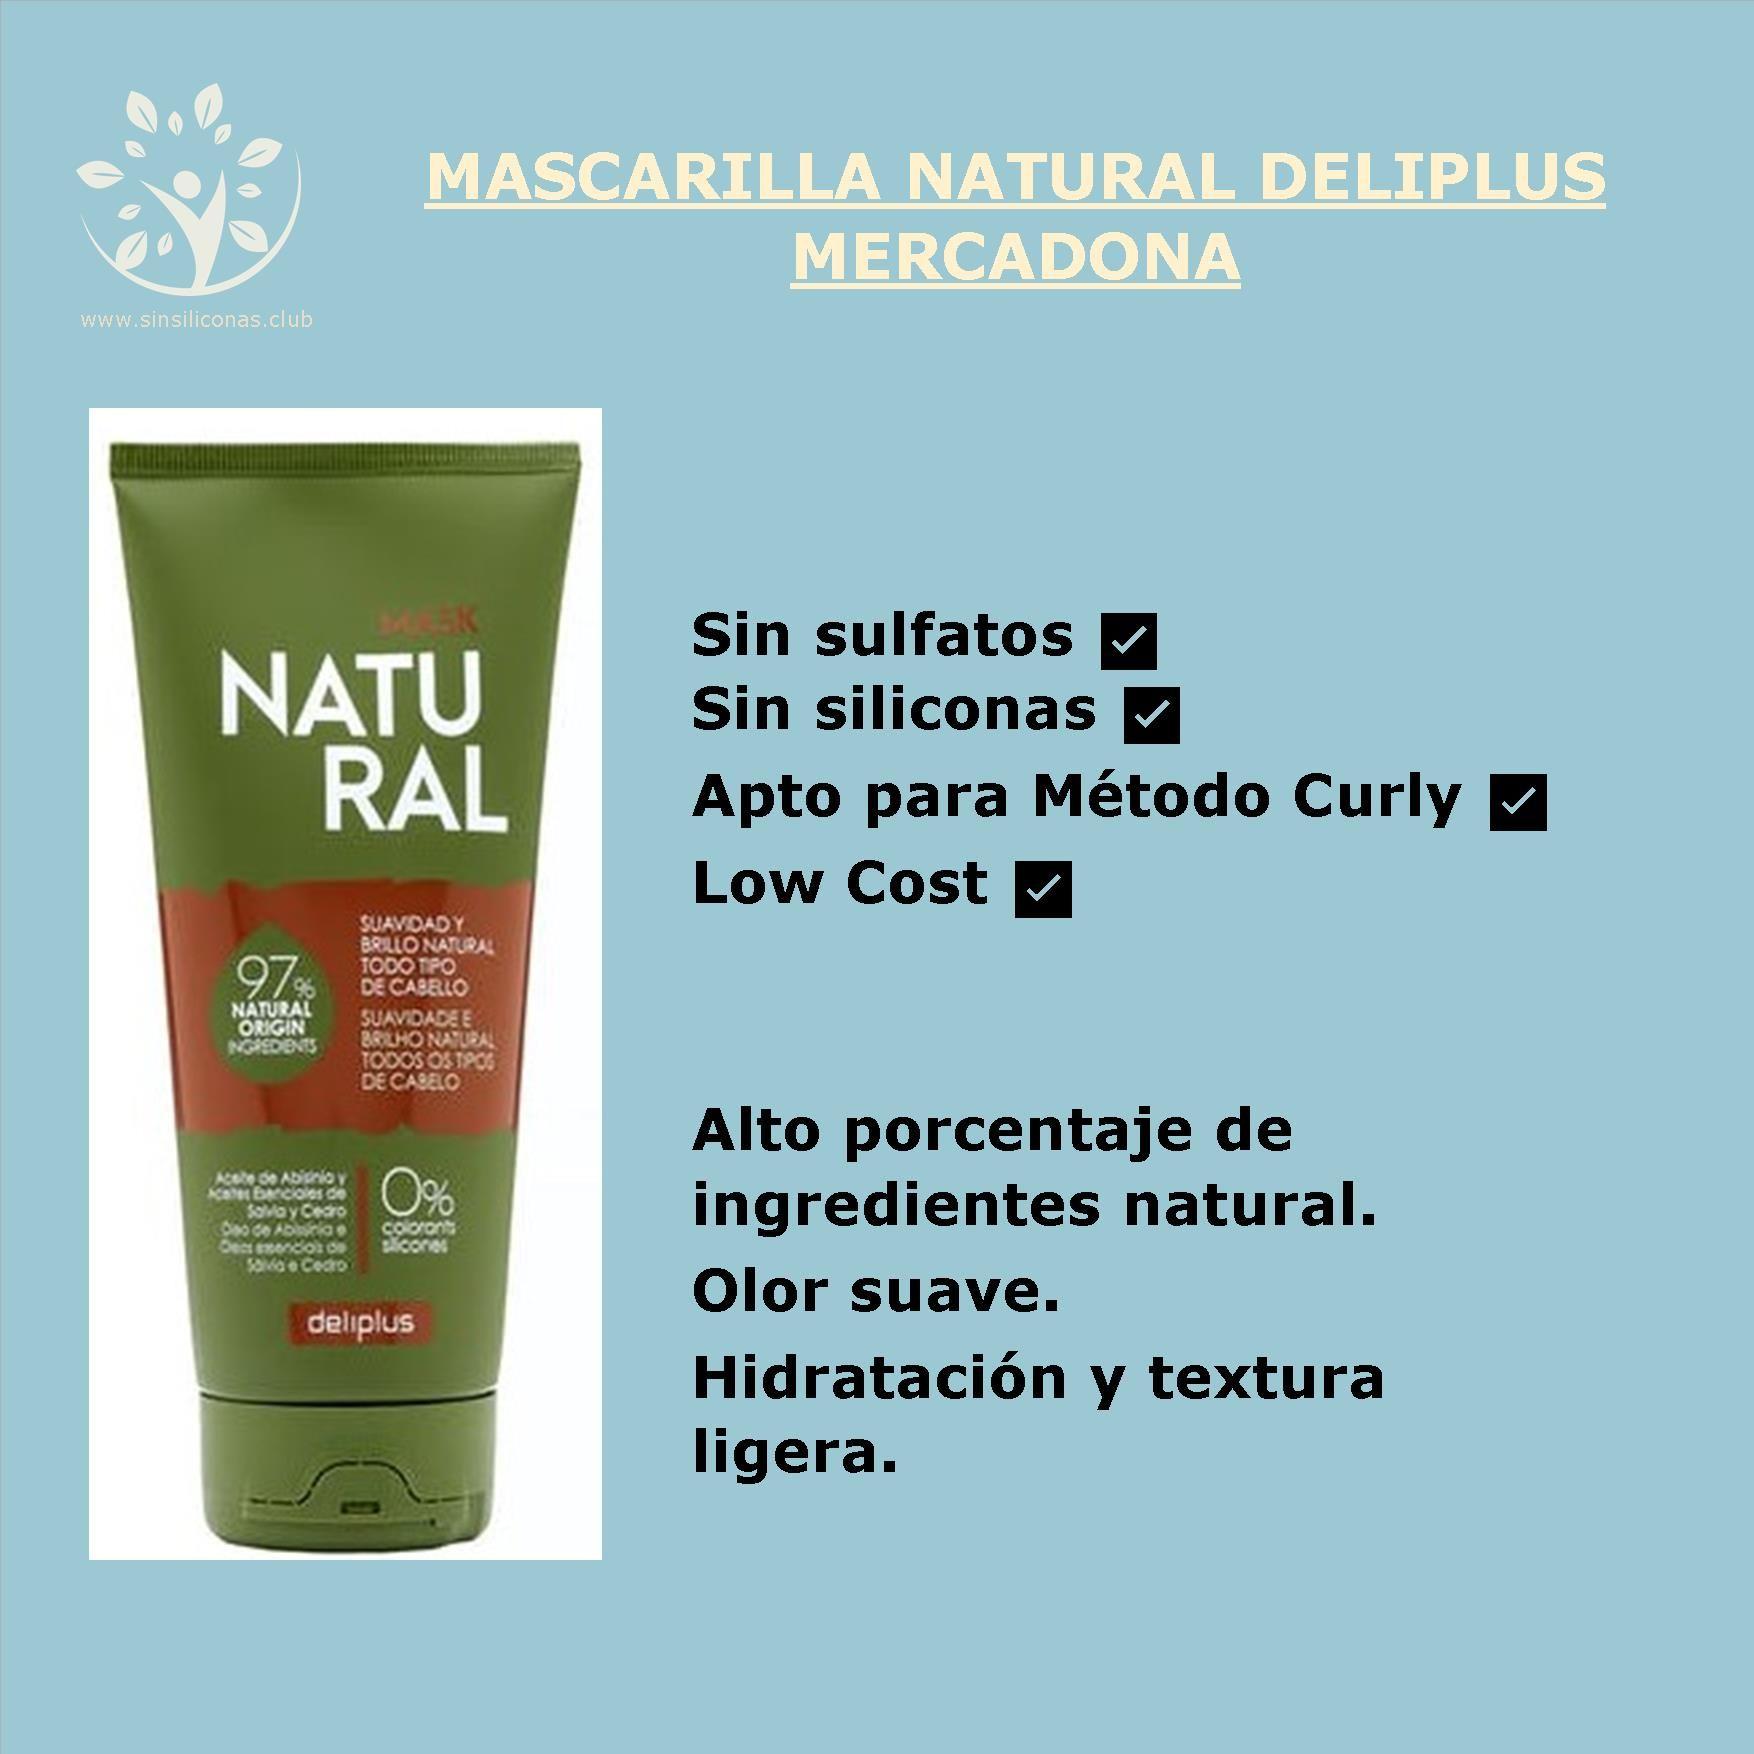 Review Mascarilla Natural Deliplus Mascarillas Naturales Champú Natural Deliplus Mercadona